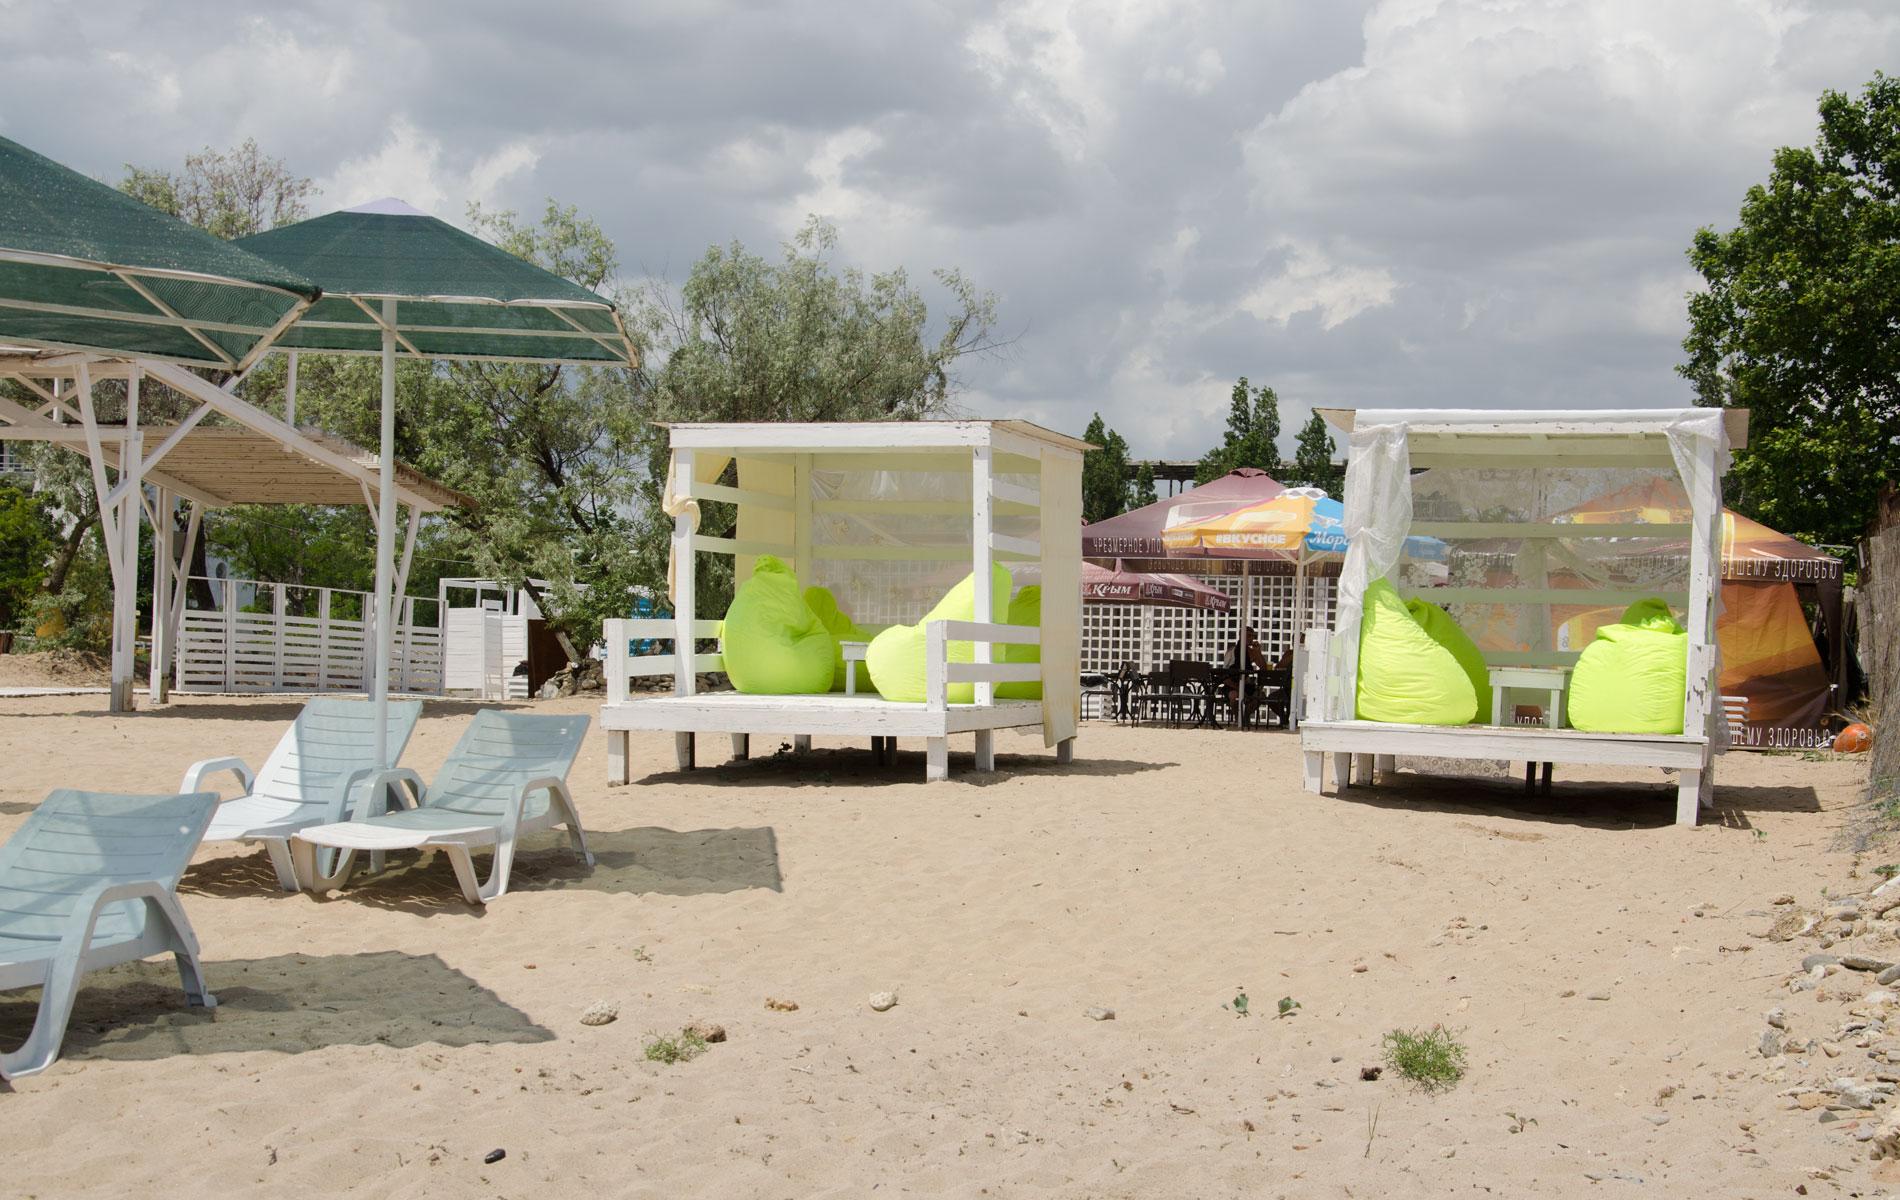 Бунгало на пляже в Заозерном 2019. Фото Заозёрного